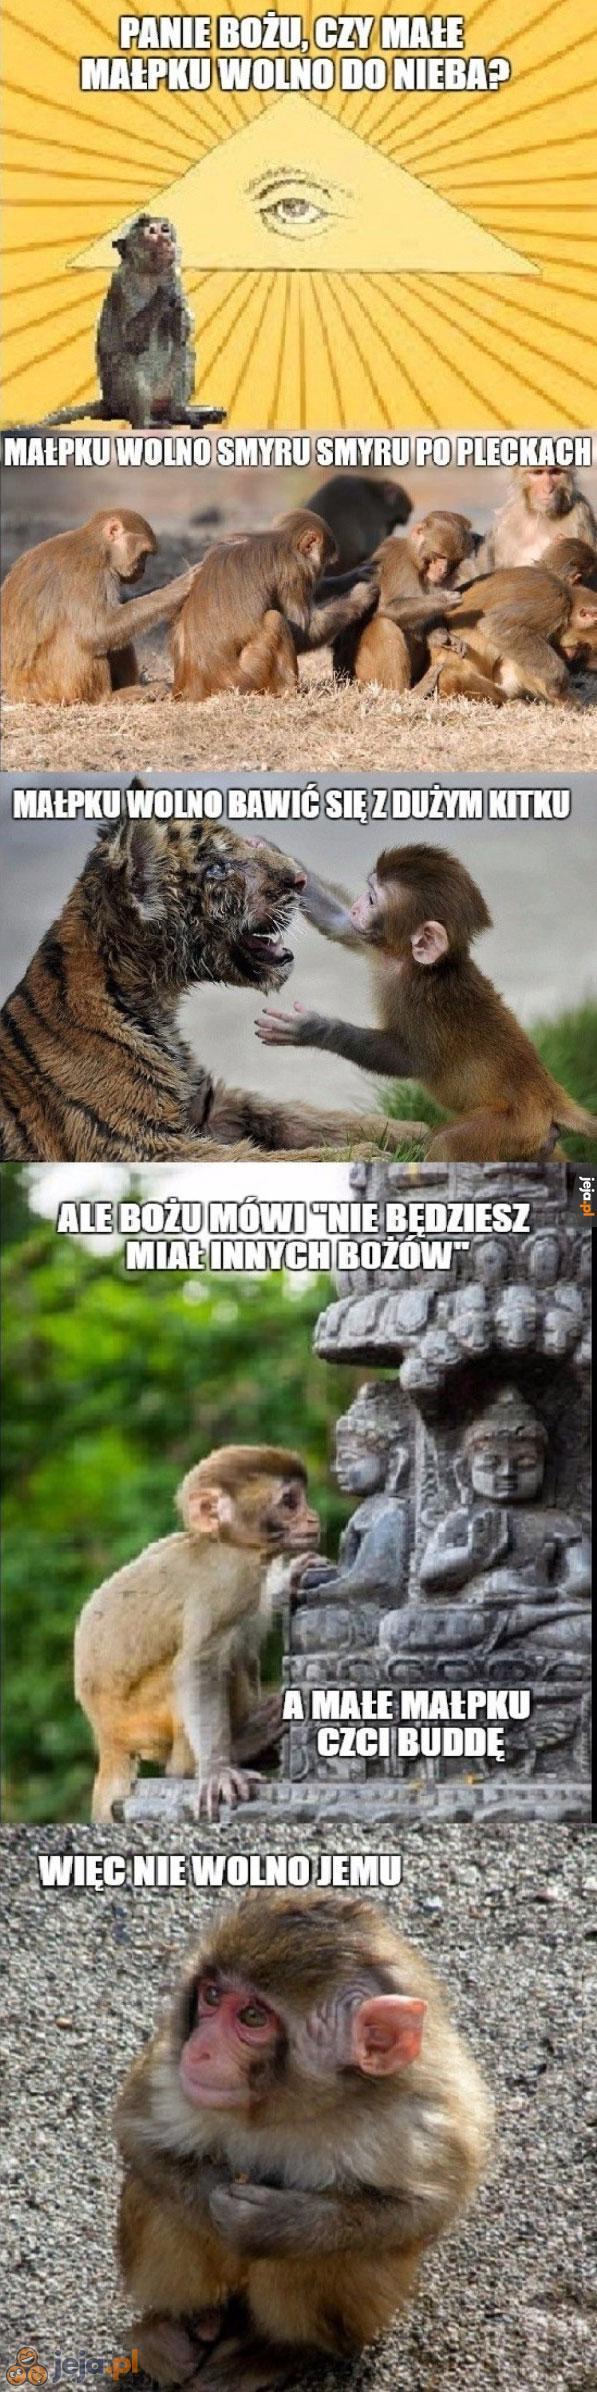 Tej małpki pośród aniołów nie będzie